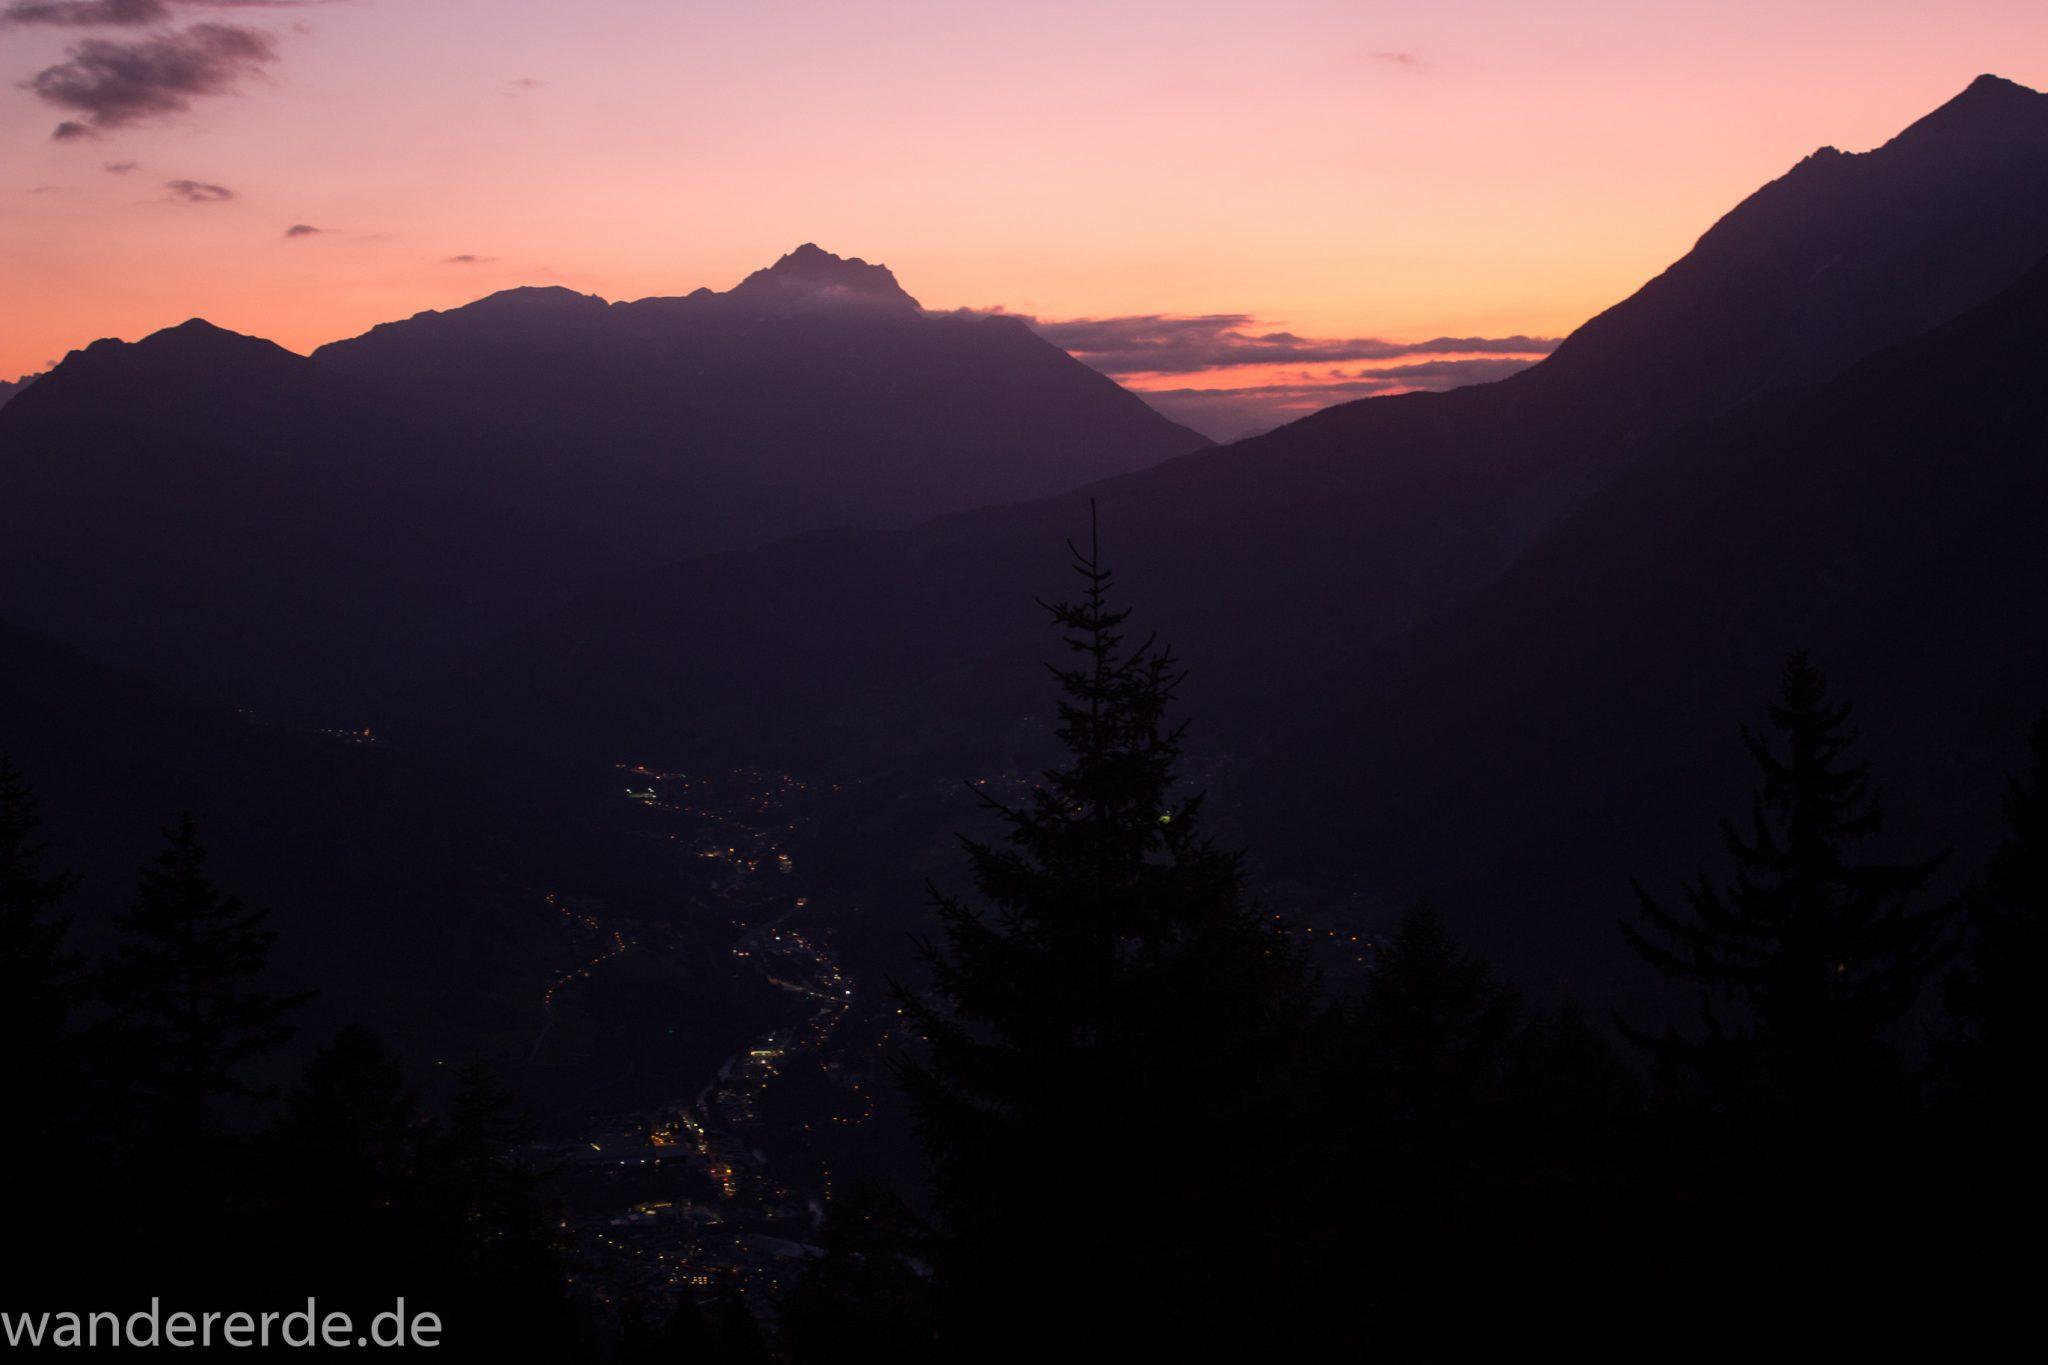 Alpenüberquerung Fernwanderweg E5 Oberstdorf Meran, 3. Etappe von Memminger Hütte zur Skihütte Zams, nach Erreichen des Ortes Zams geht es mit der Venetbergbahn zur Mittelstation des Berges Venet und dann in kurzer Zeit zur Skihütte Zams, hier Aussicht auf Sonnenuntergang von der Skihütte Zams, im Tal Ort Zams